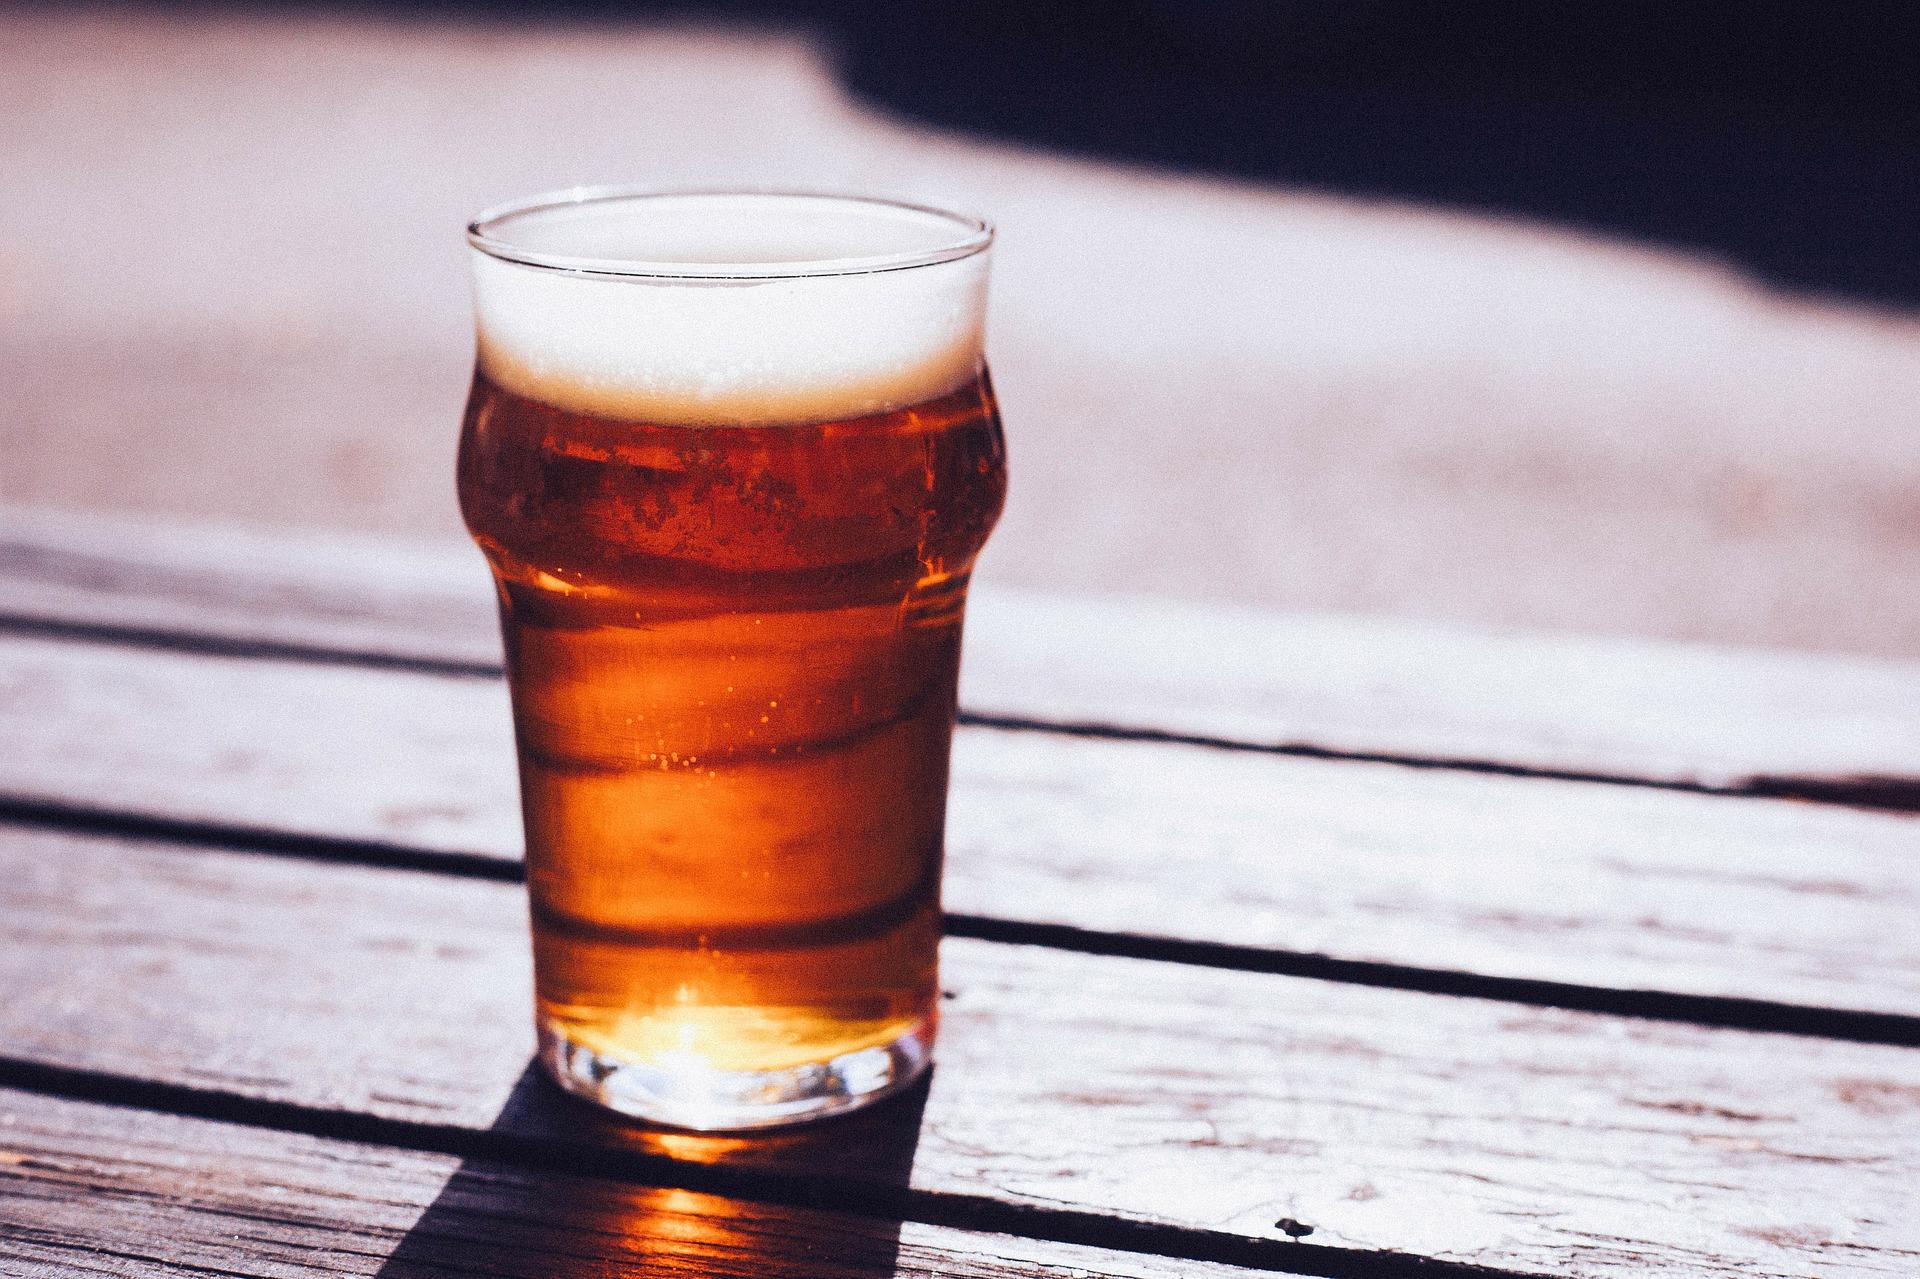 Faszination Beer Pong Spiel